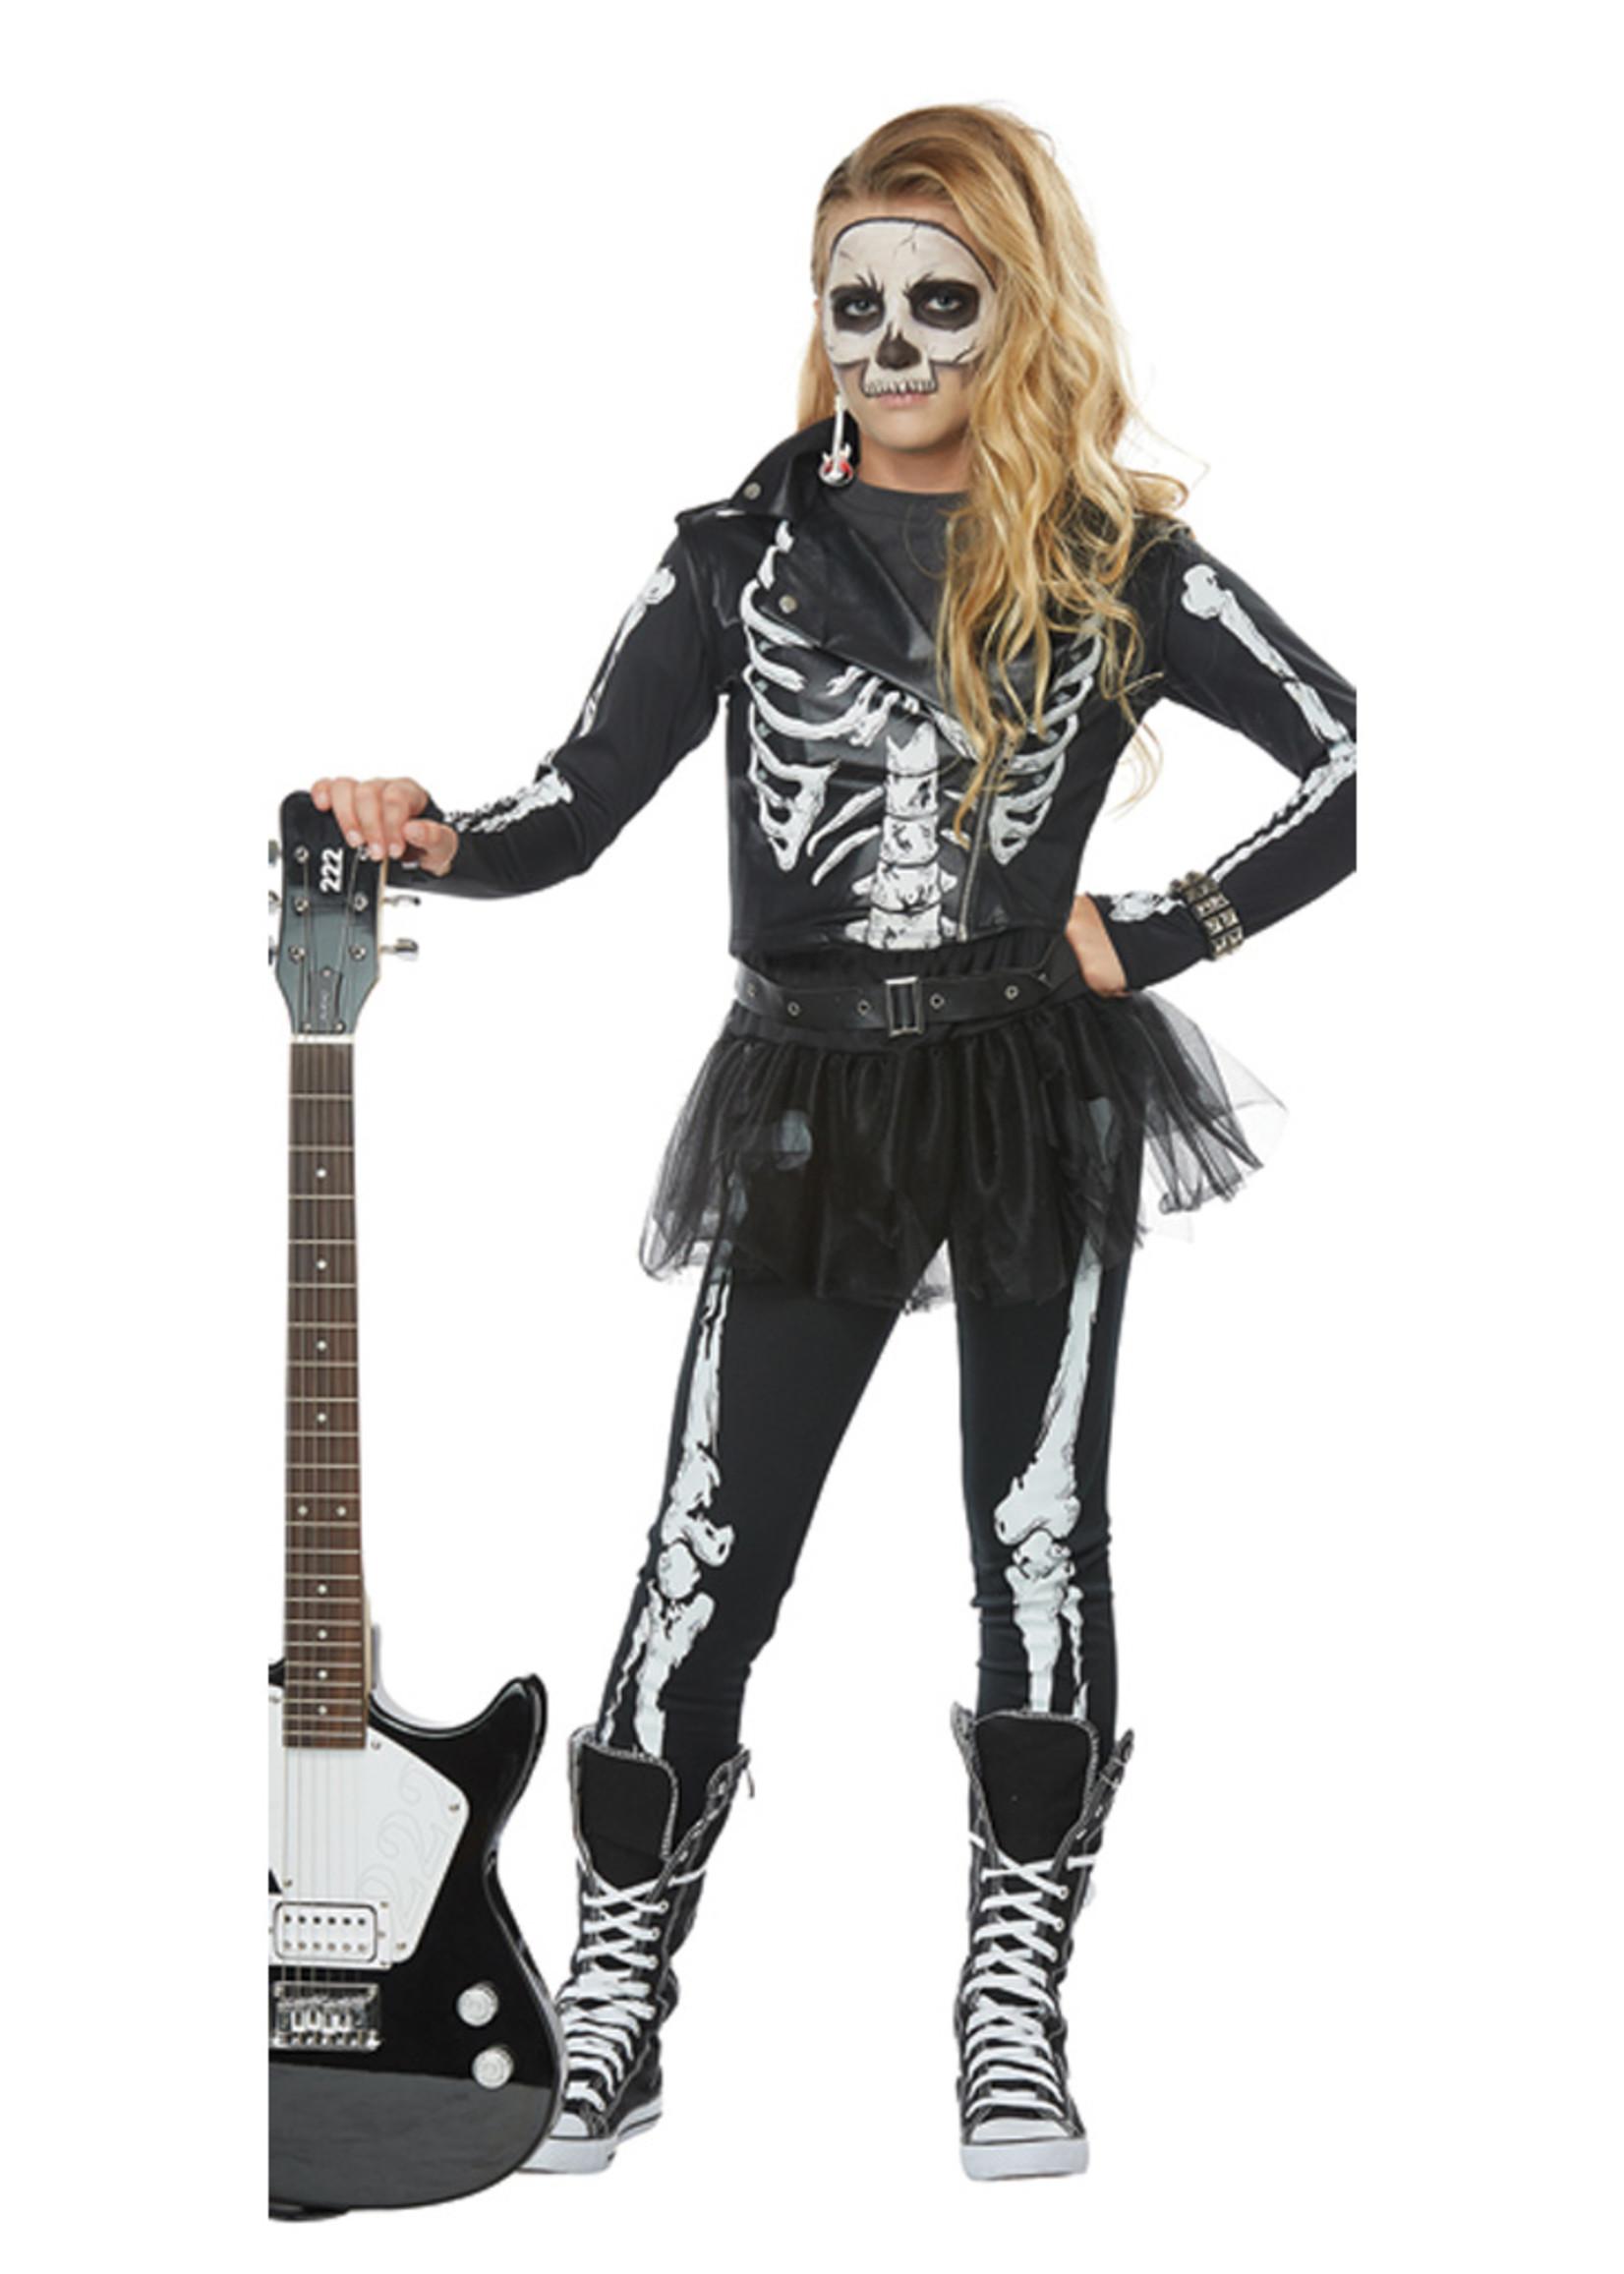 Skeleton Rocker Costume - Girls